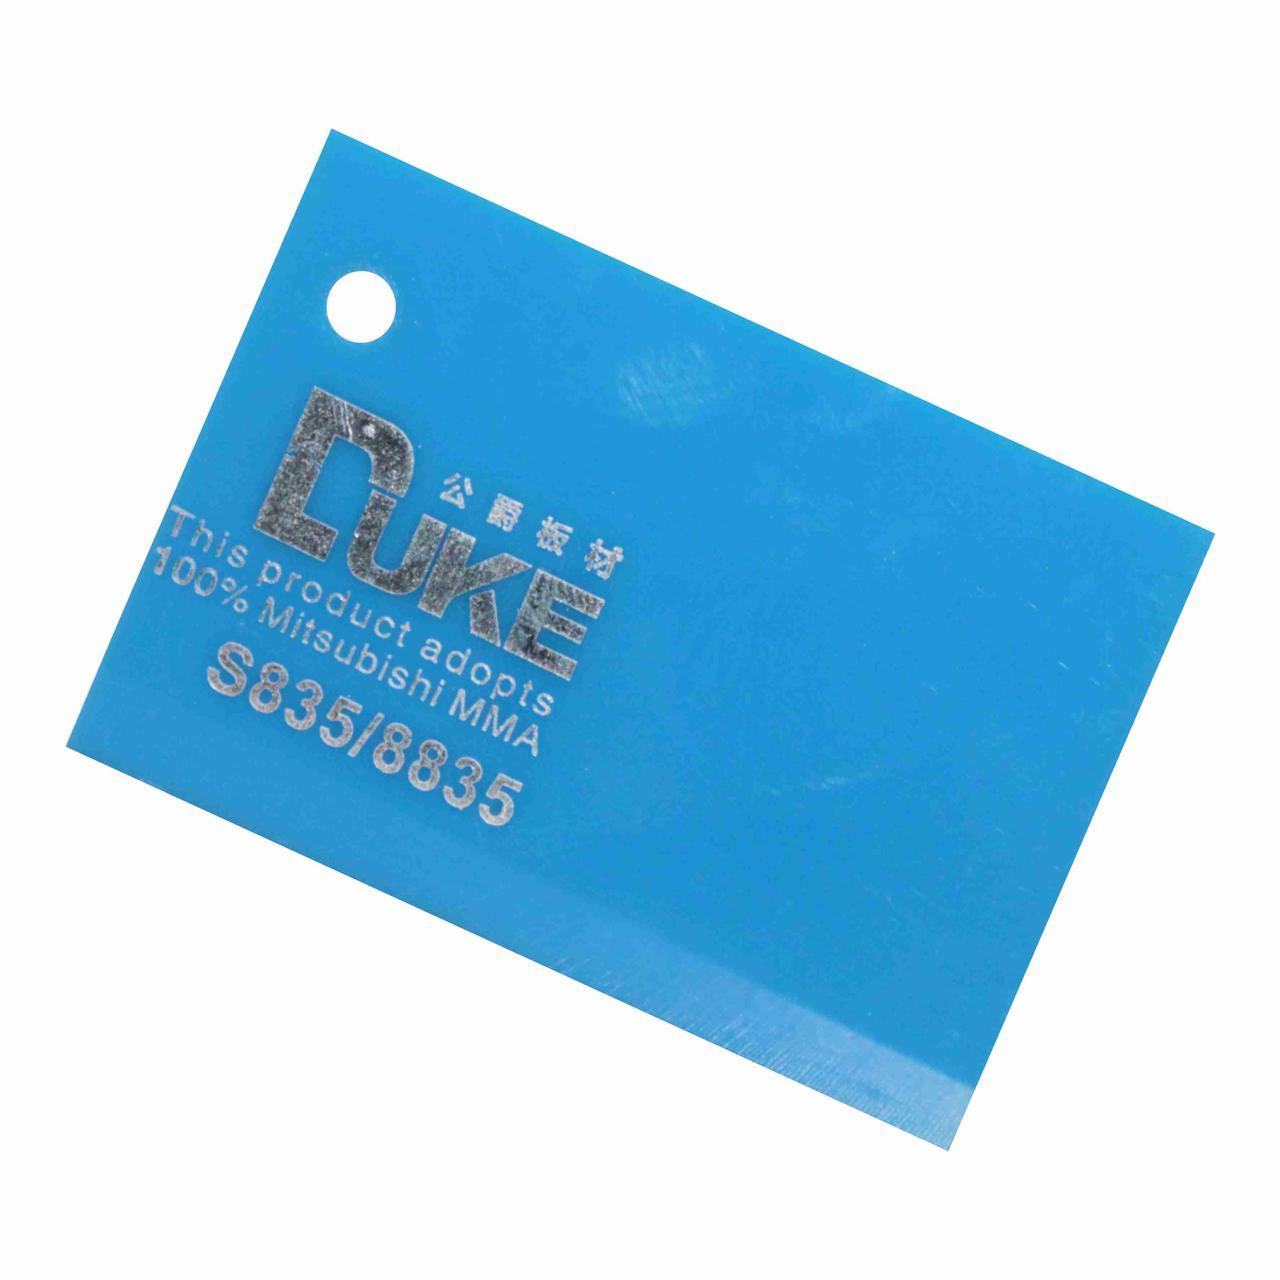 Акрил голубой №8835 (3мм) 1,22мХ2,44м